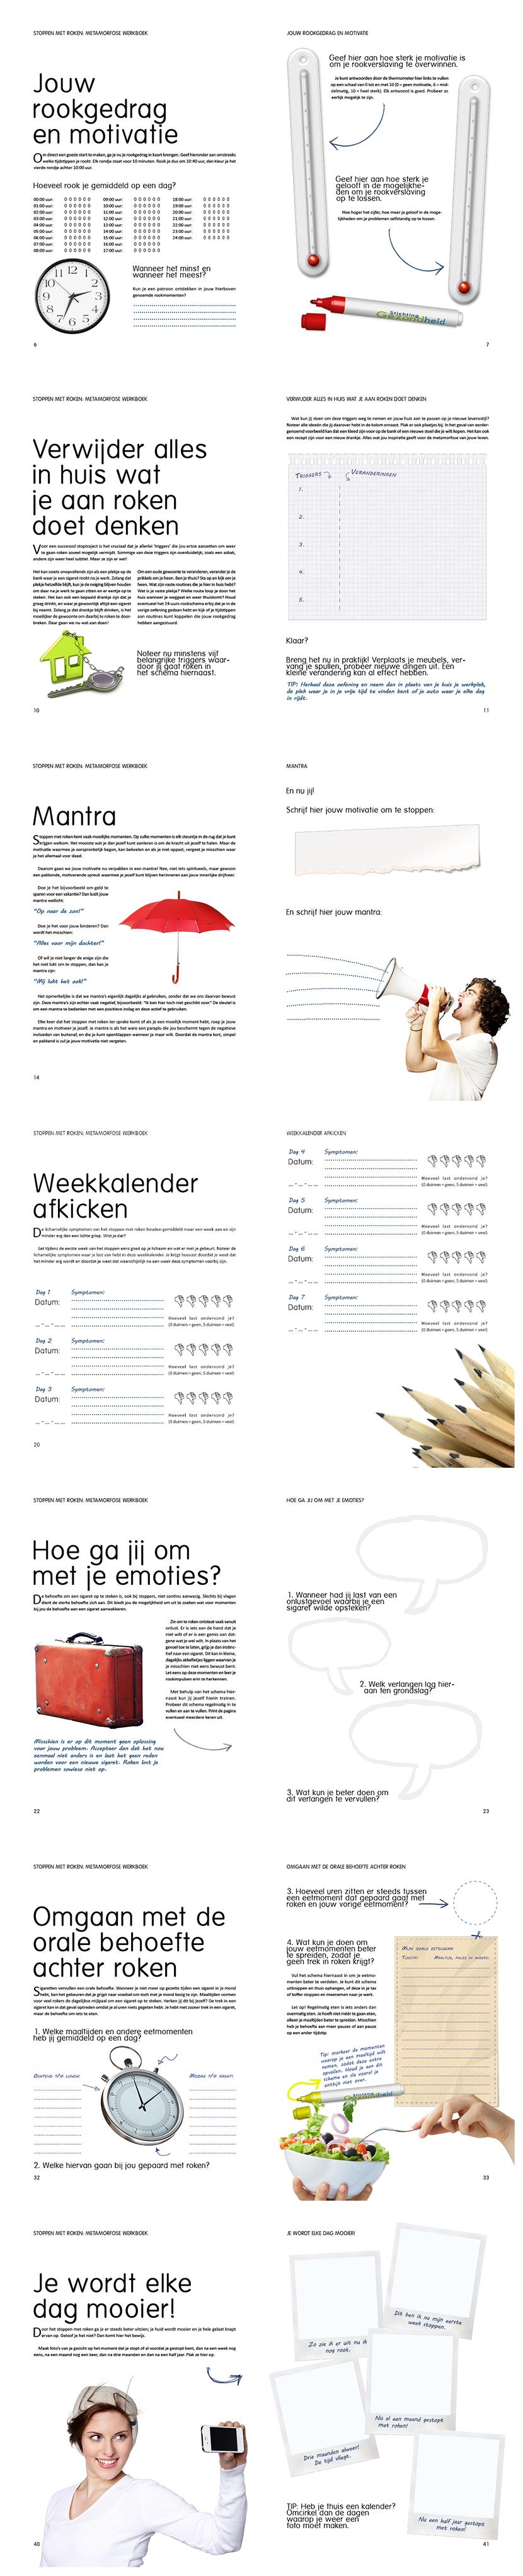 stoppenmetroken-werkboek